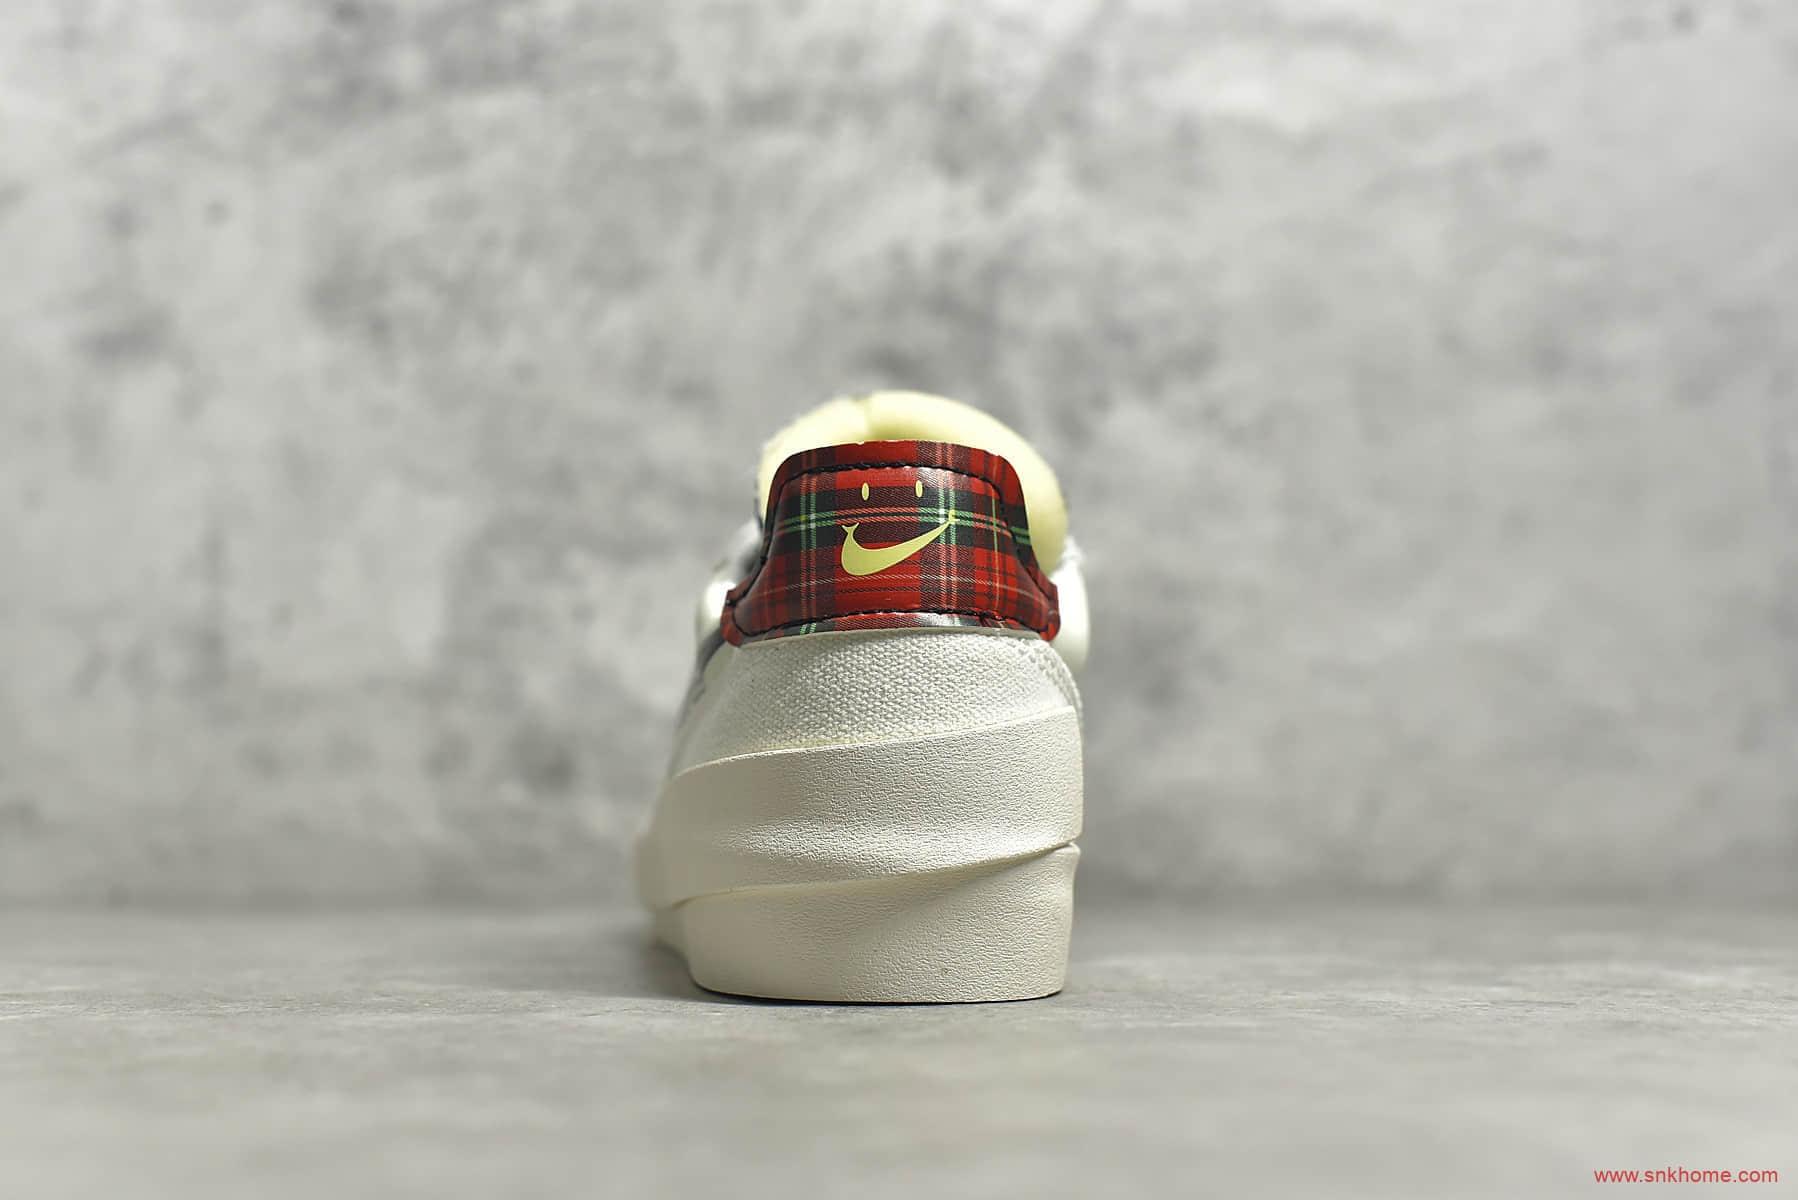 耐克开拓者解构低帮板鞋 NIKE Drop Type LX 开拓者硫化小白鞋 货号:CW2620-101-潮流者之家